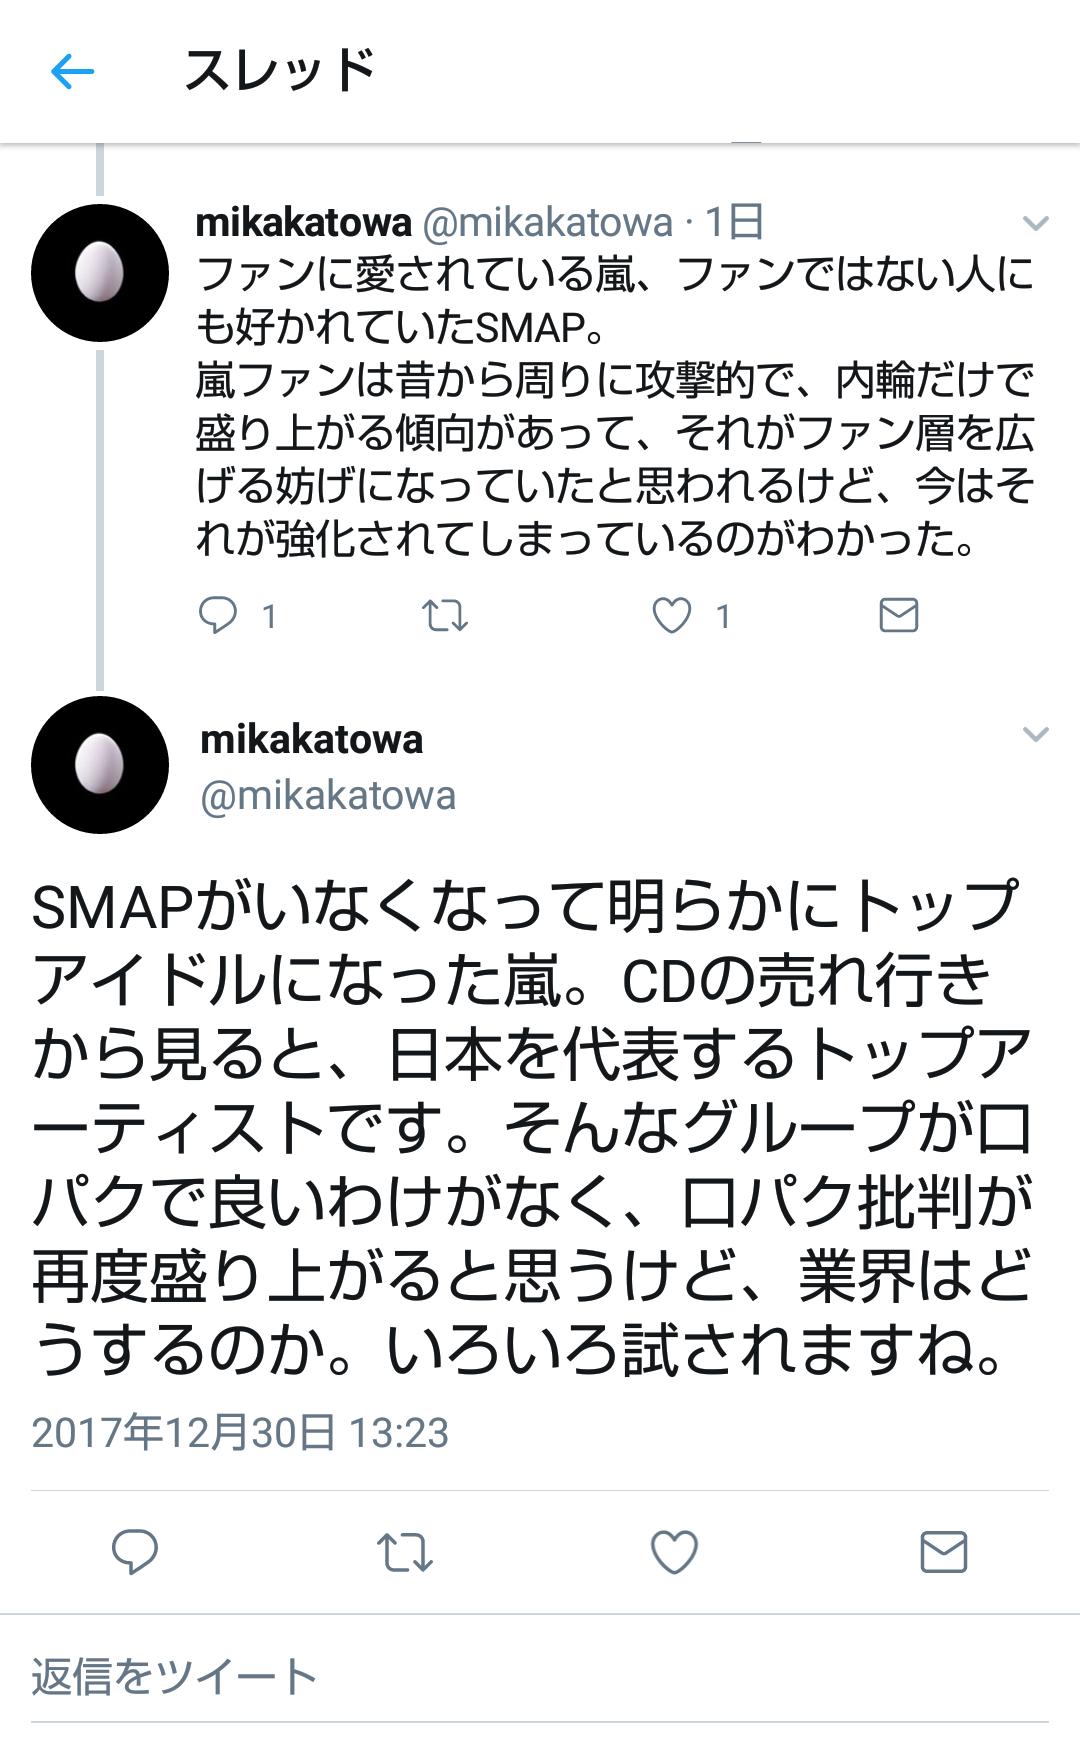 フジテレビ「おじゃMAP」3月終了…香取慎吾唯一のレギュラーTV番組が改編対象に